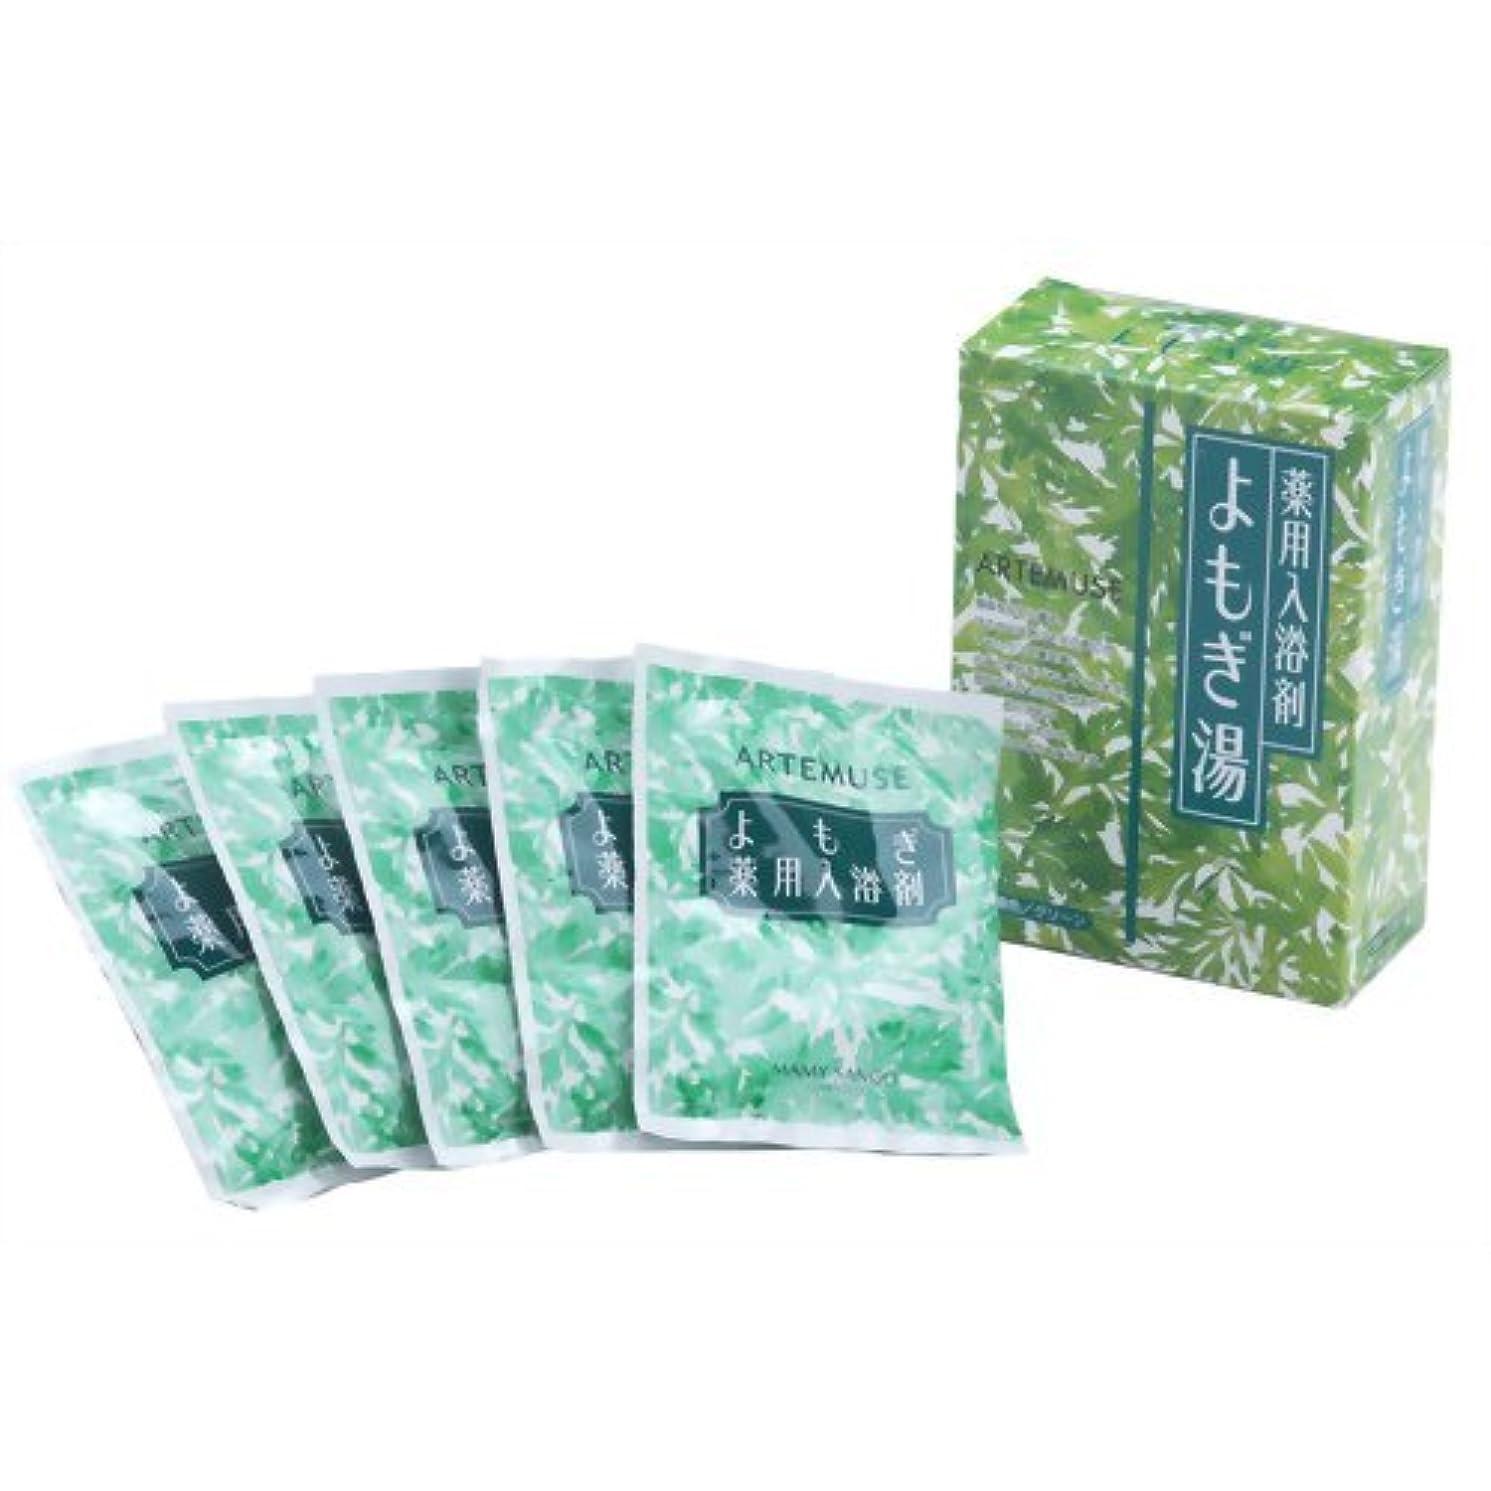 検出器好色なサイレン三興物産 よもぎ薬用シリーズ よもぎ薬用入浴剤 (分包) 30g×5包入